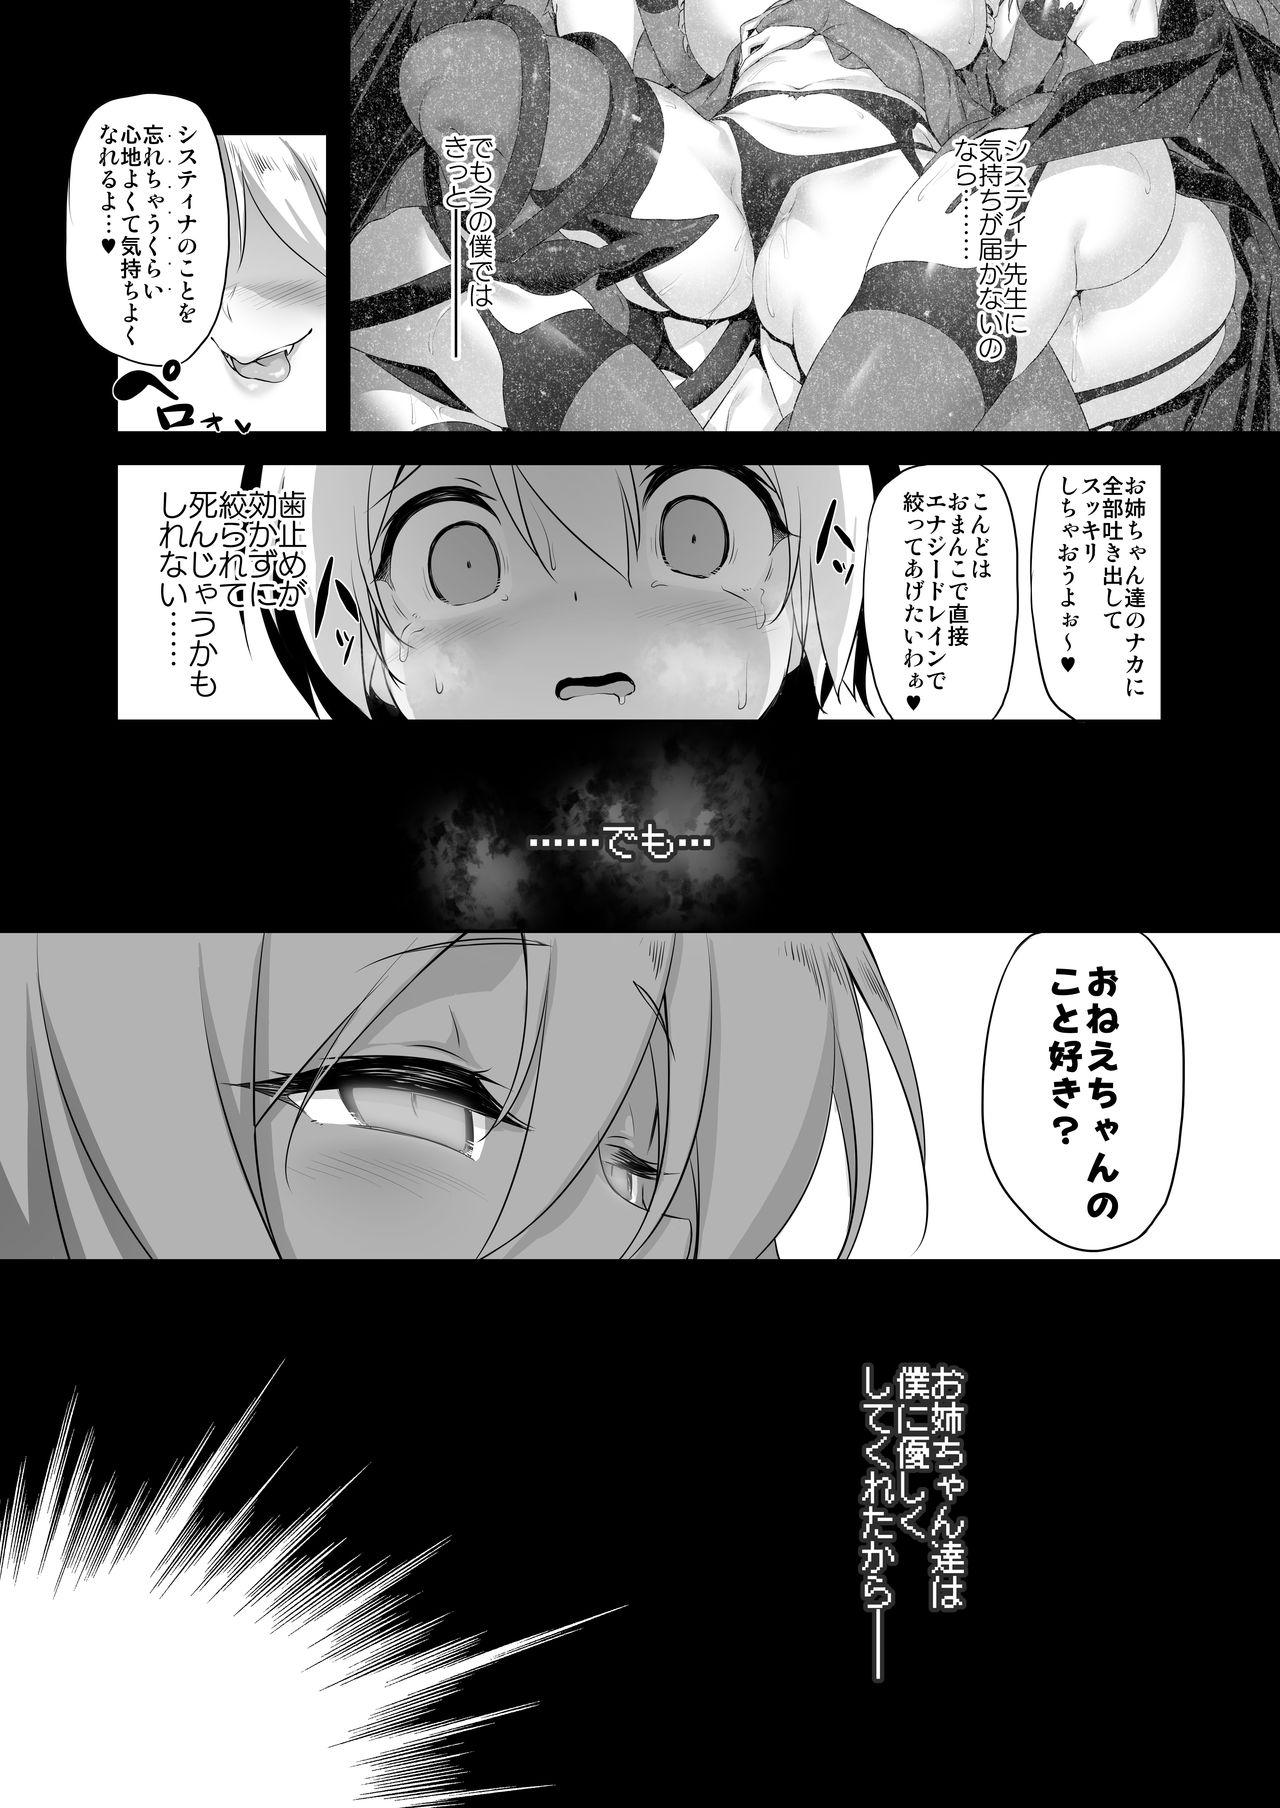 Makotoni Zannen desu ga Bouken no Sho 5 wa Kiete Shimaimashita. 24